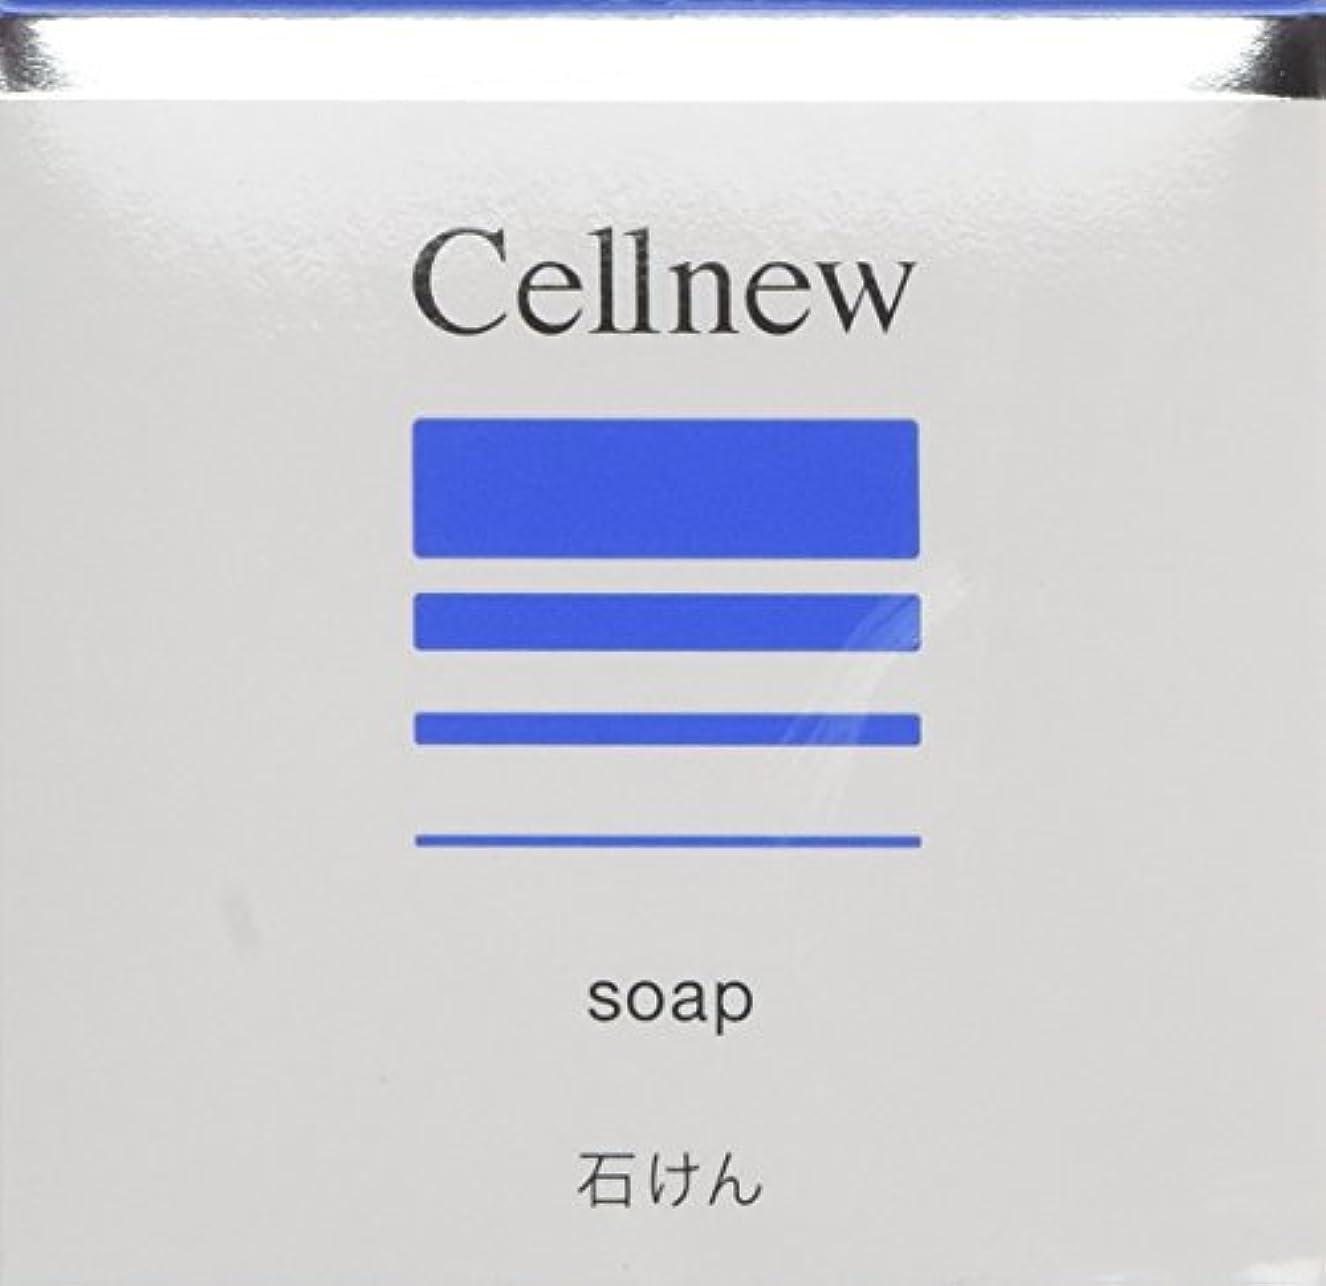 仕事これら称賛セルニュー ソープ 80g [CN]【洗顔石鹸?洗顔せっけん】